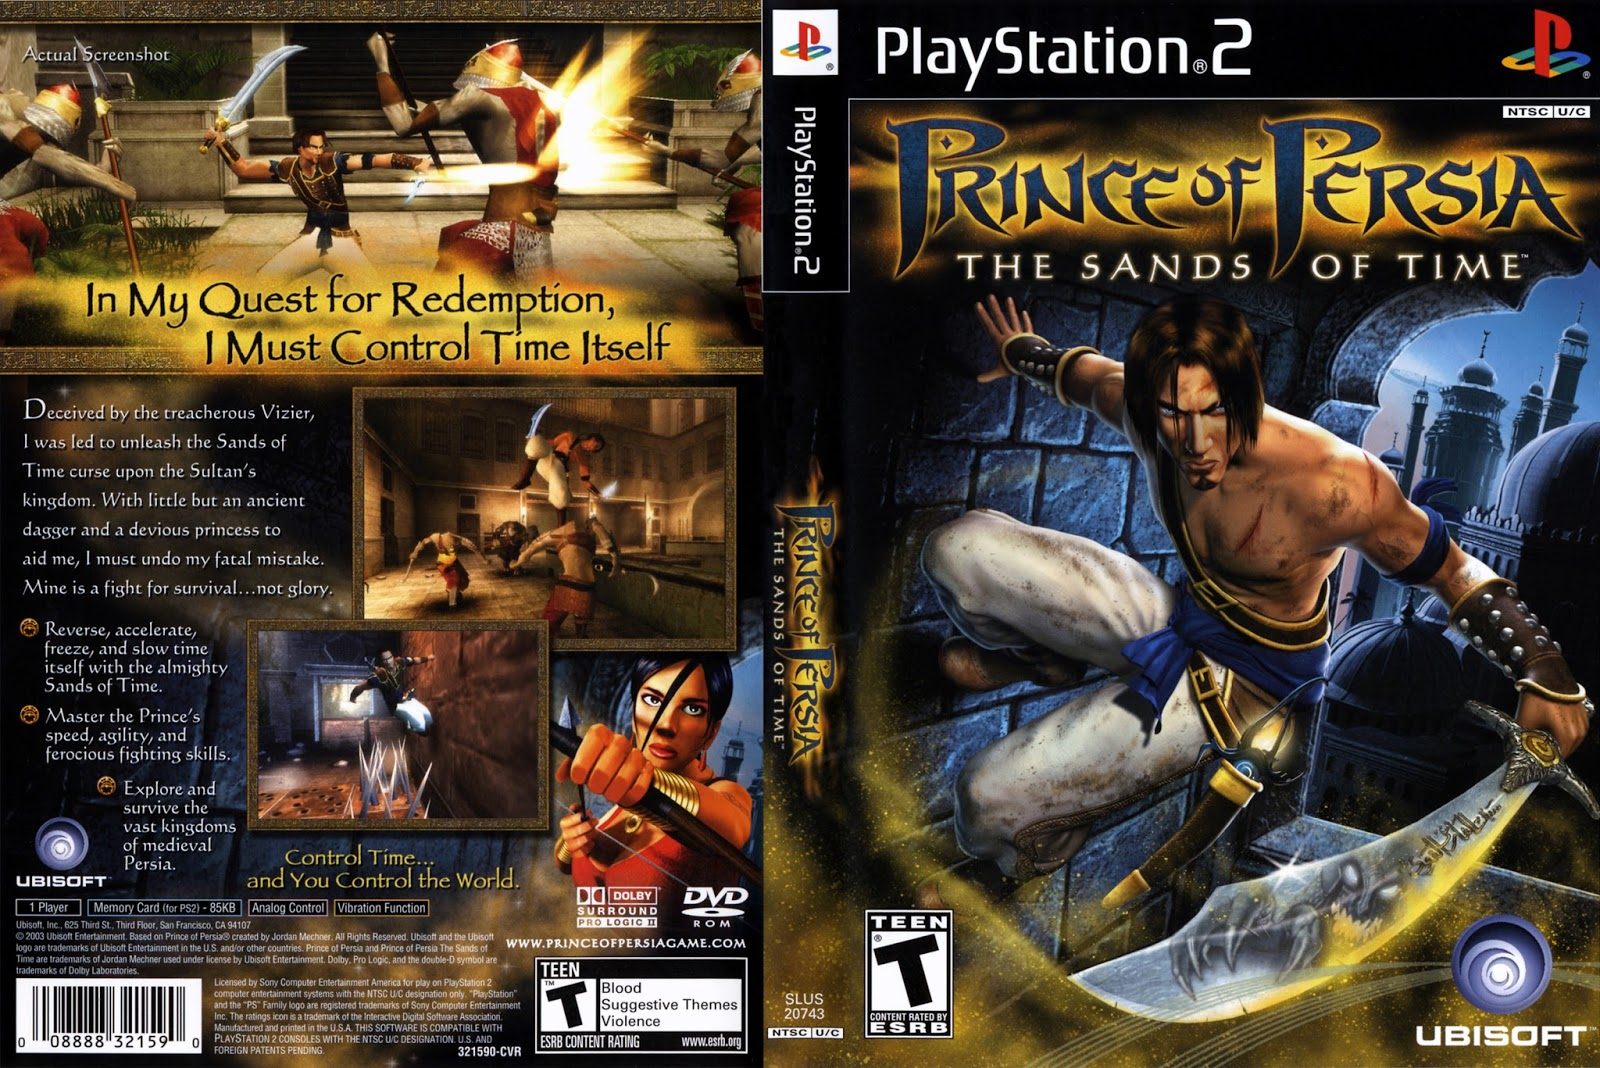 Cheat Lengkap Prince Of Persia The Sands Of Time Ps2 Gudang Cheat Dan Trik Game Konsol Playstation Pc